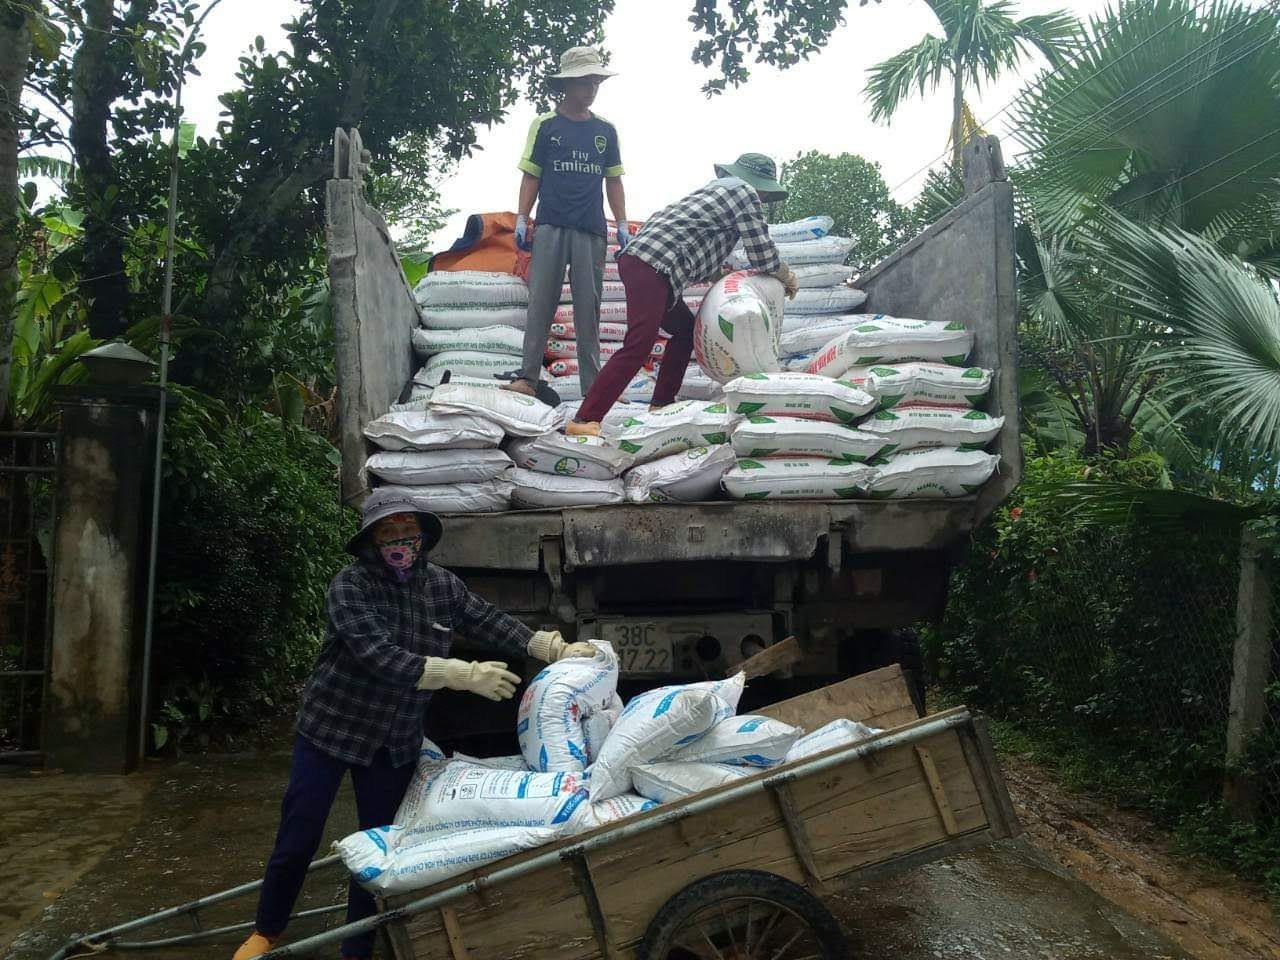 Hỗ trợ nông dân Hà Tĩnh mua hơn 3.500 tấn phân Lâm Thao chậm trả - Ảnh 2.